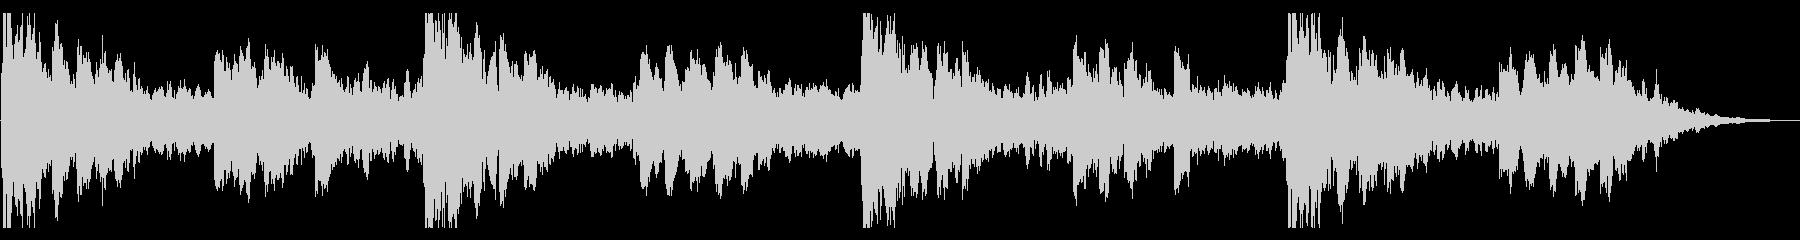 オルゴールの旋律が不気味なホラー曲の未再生の波形